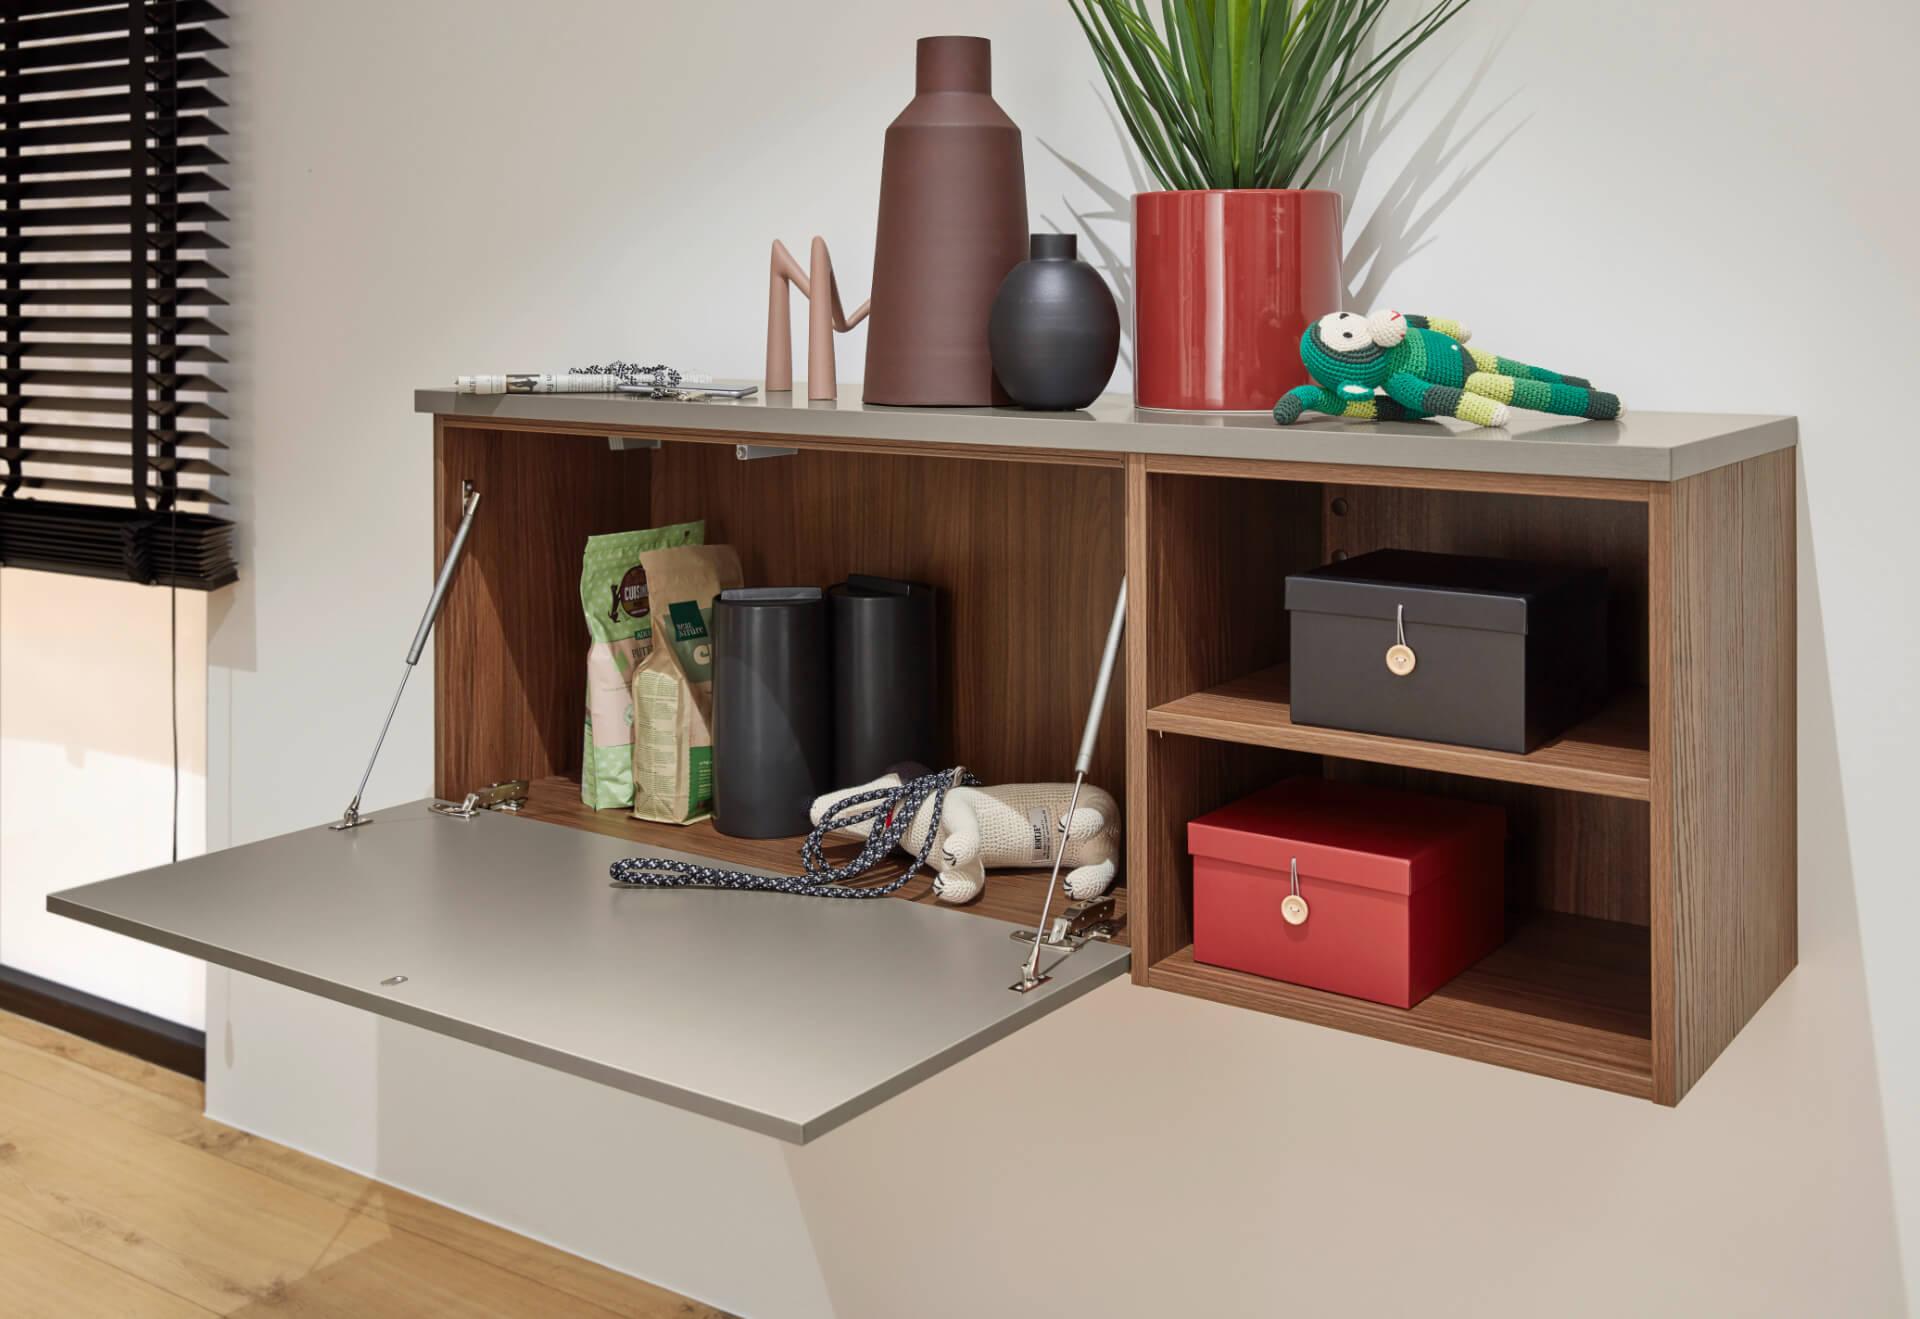 Nolte Tavola Kitchen Cabinet